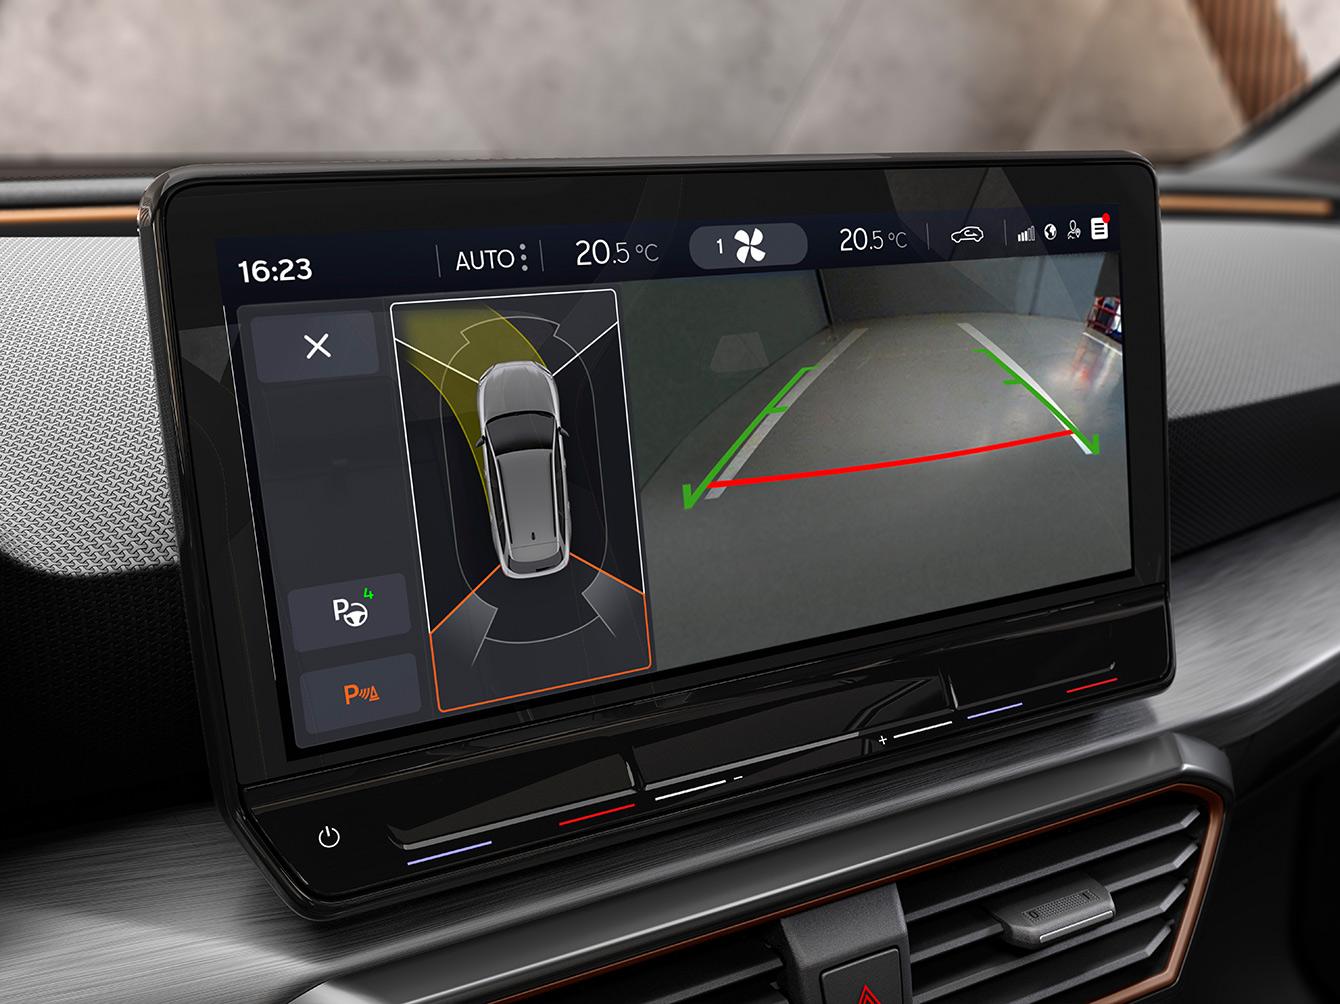 Neuer CUPRA Leon Sportstourer eHybrid Familiensportwagen, Innenraumansicht mit Park Assist-Feature für autonomes Parkieren